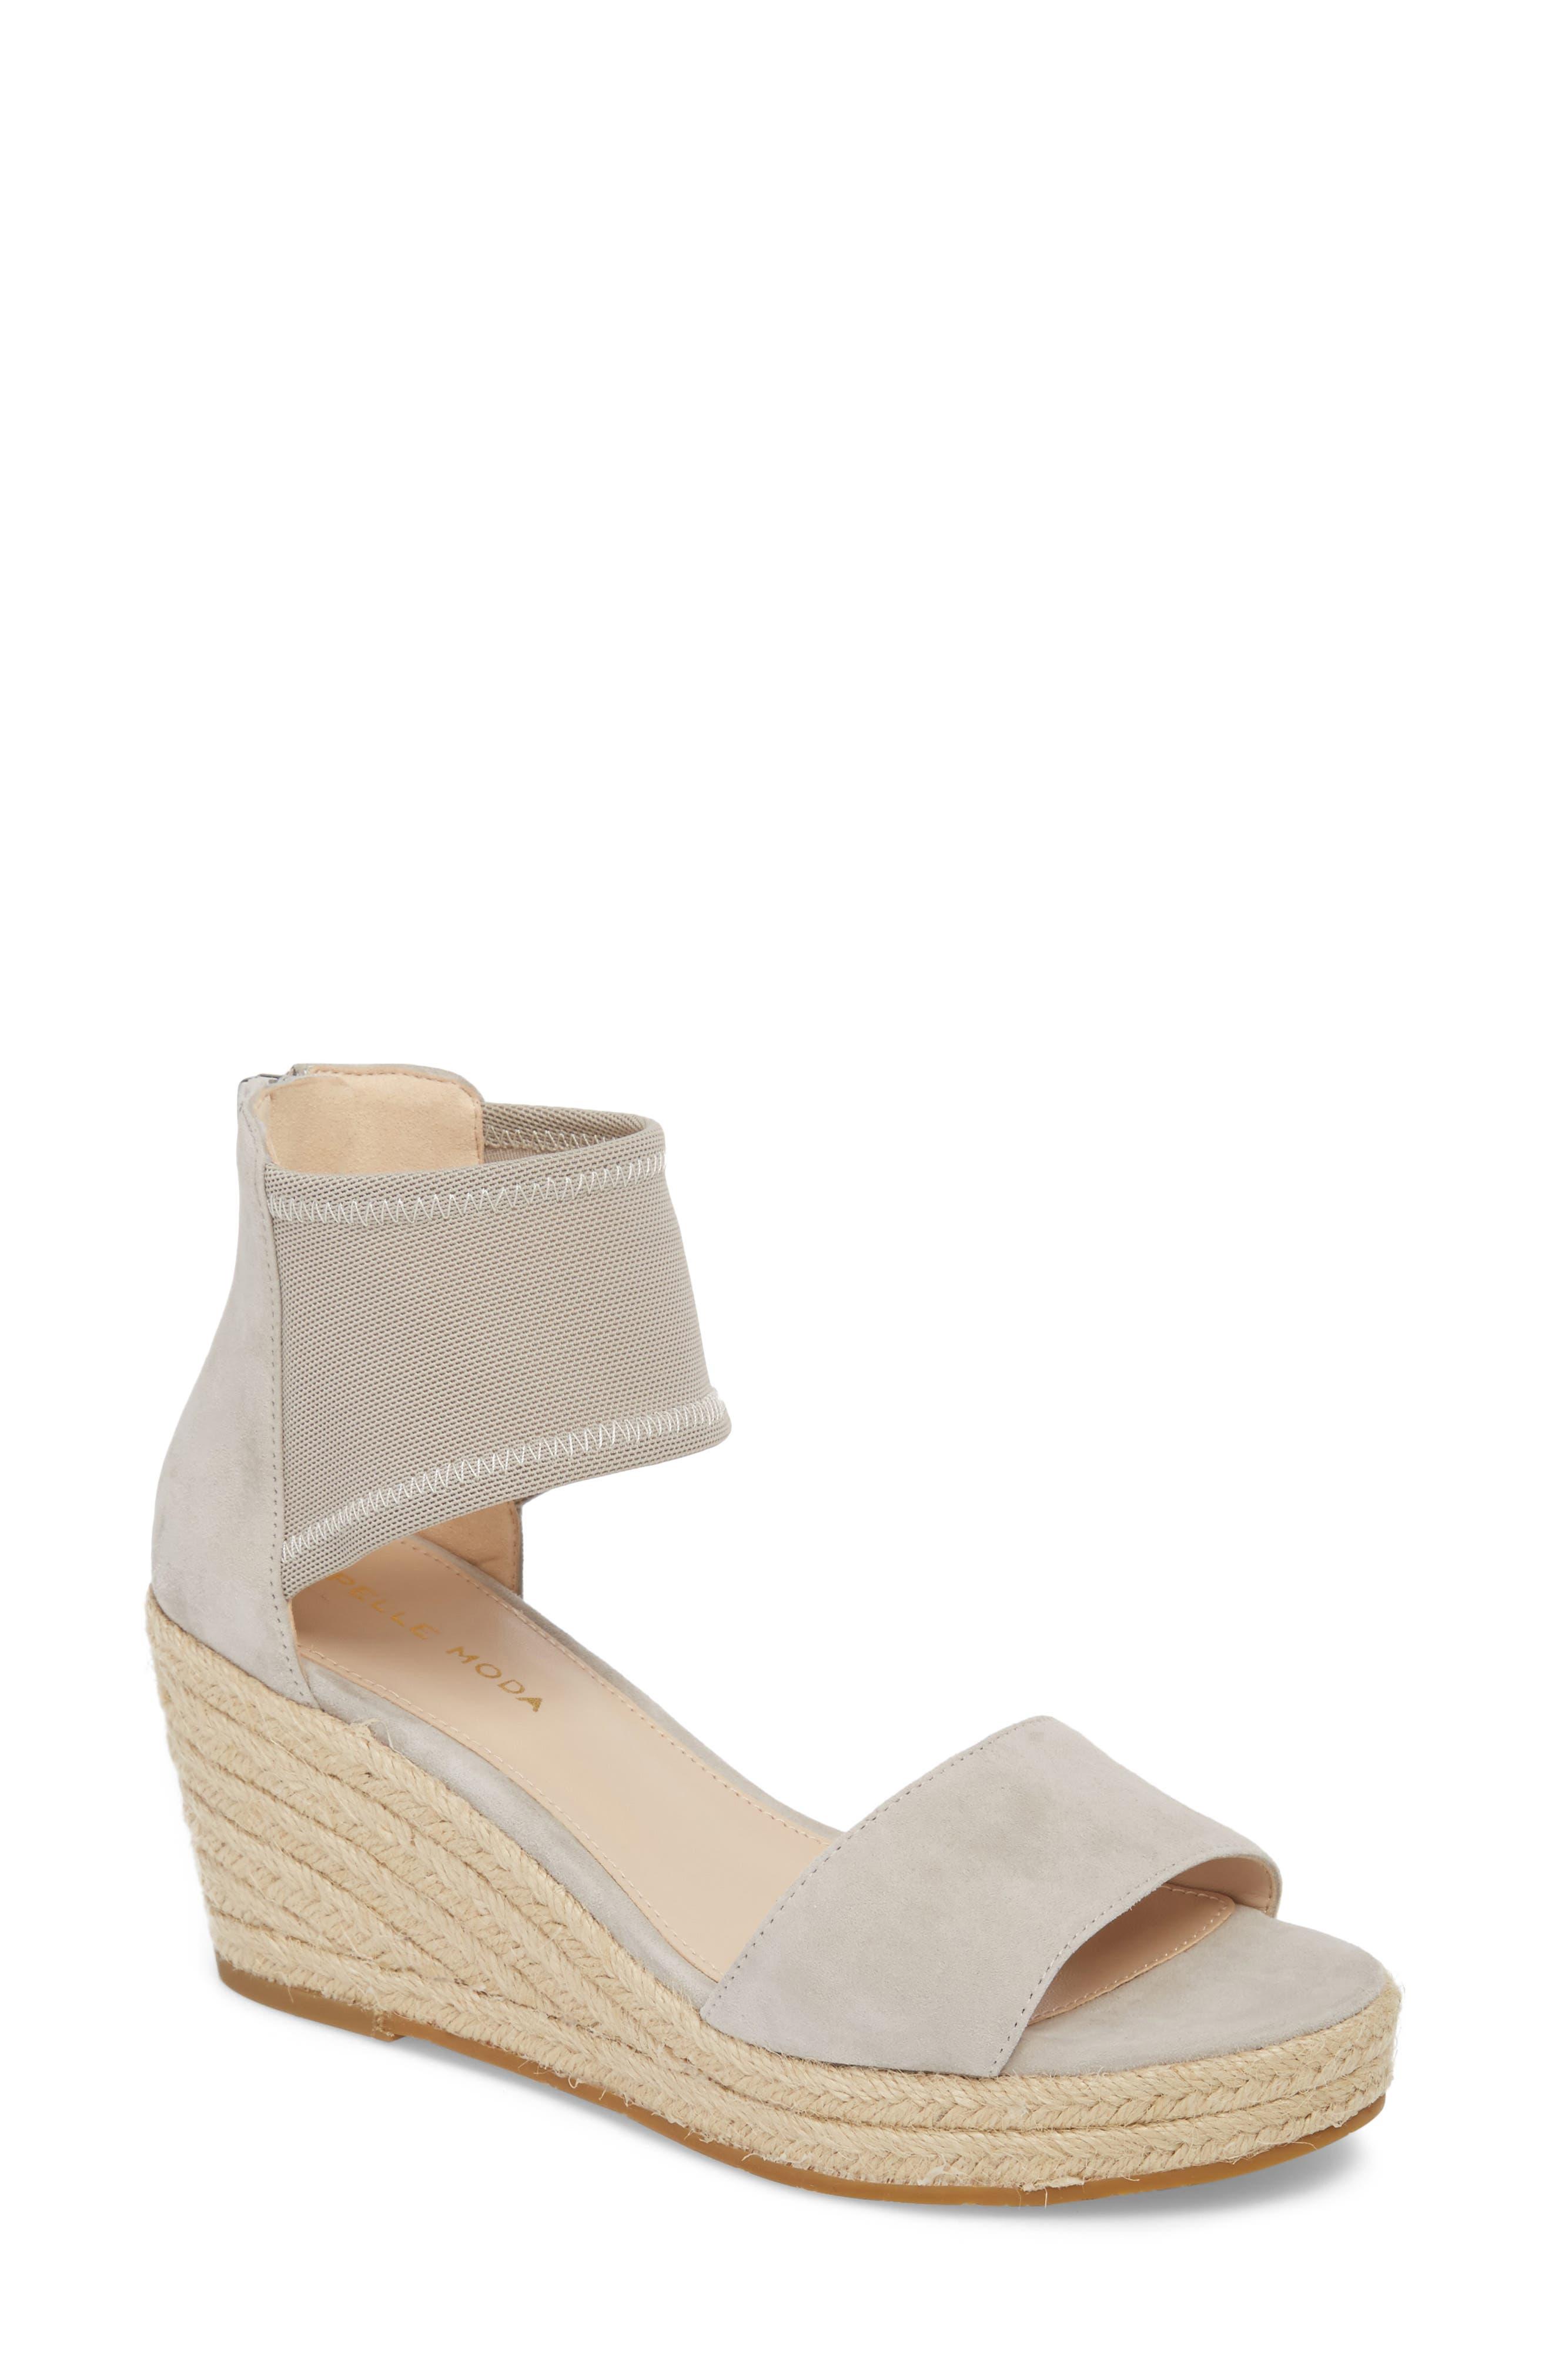 Alternate Image 1 Selected - Pelle Moda Kona Platform Wedge Sandal (Women)